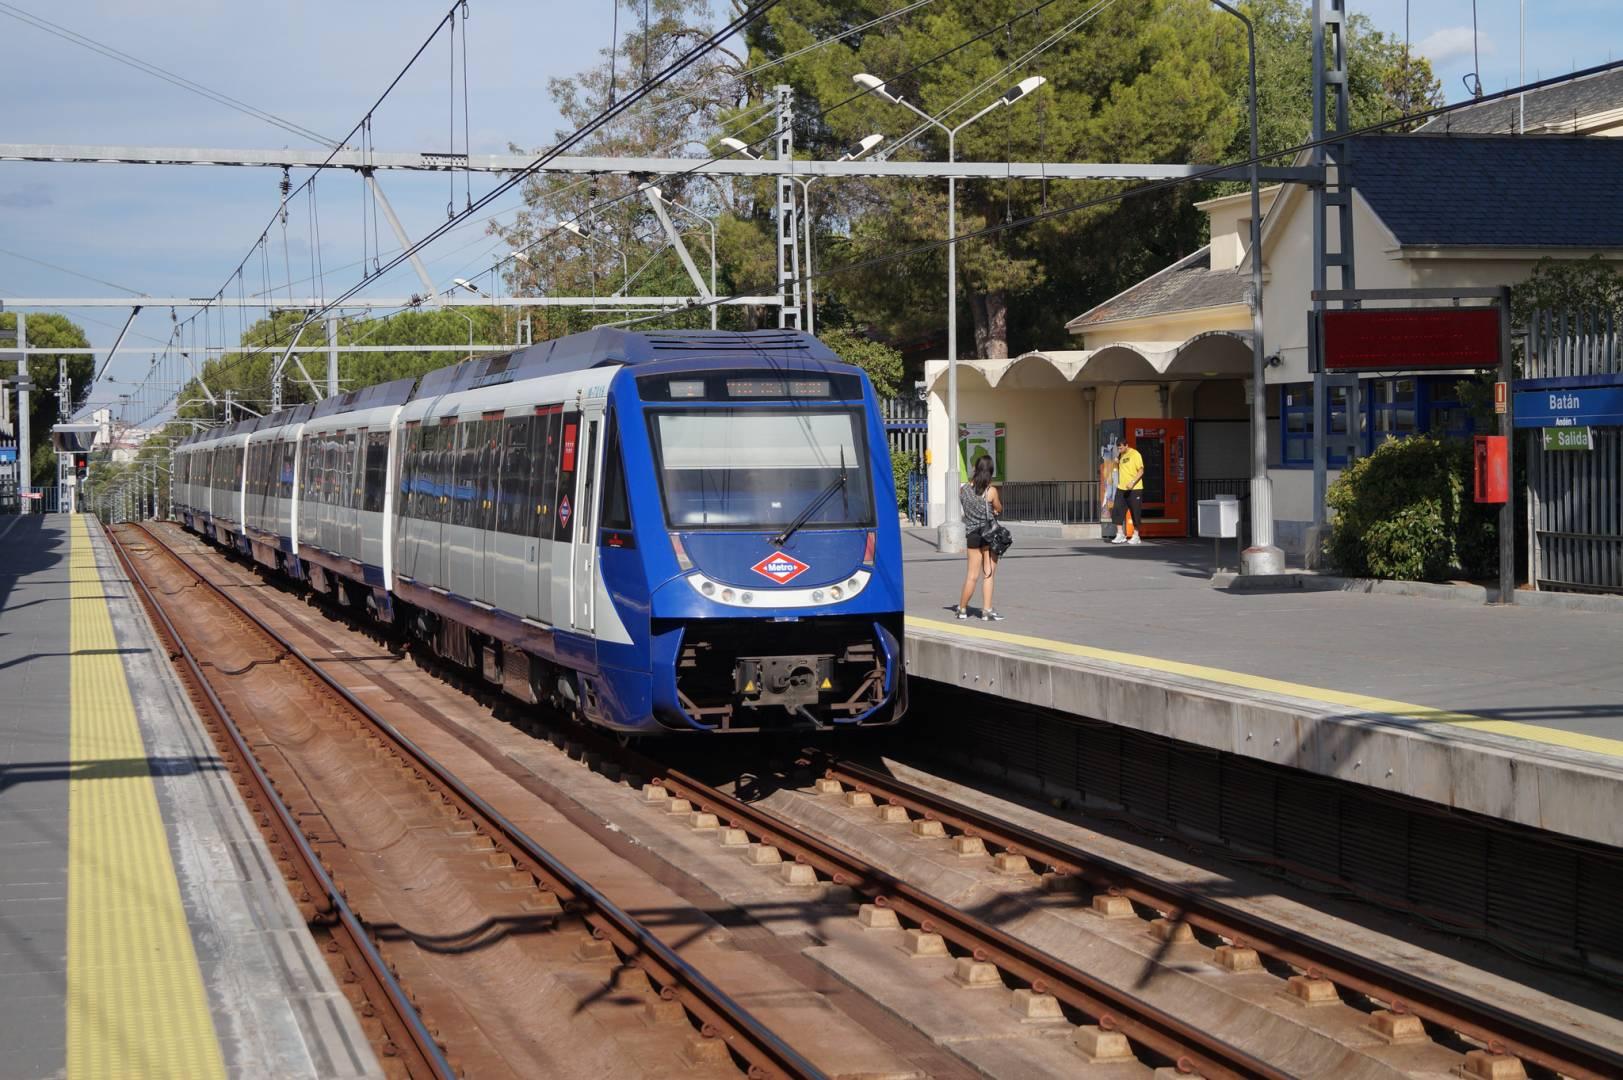 La línea 10 del metro de Madrid estará cerrada dos semanas entre Tribunal y Batán. Foto: Patrick1977Bln.